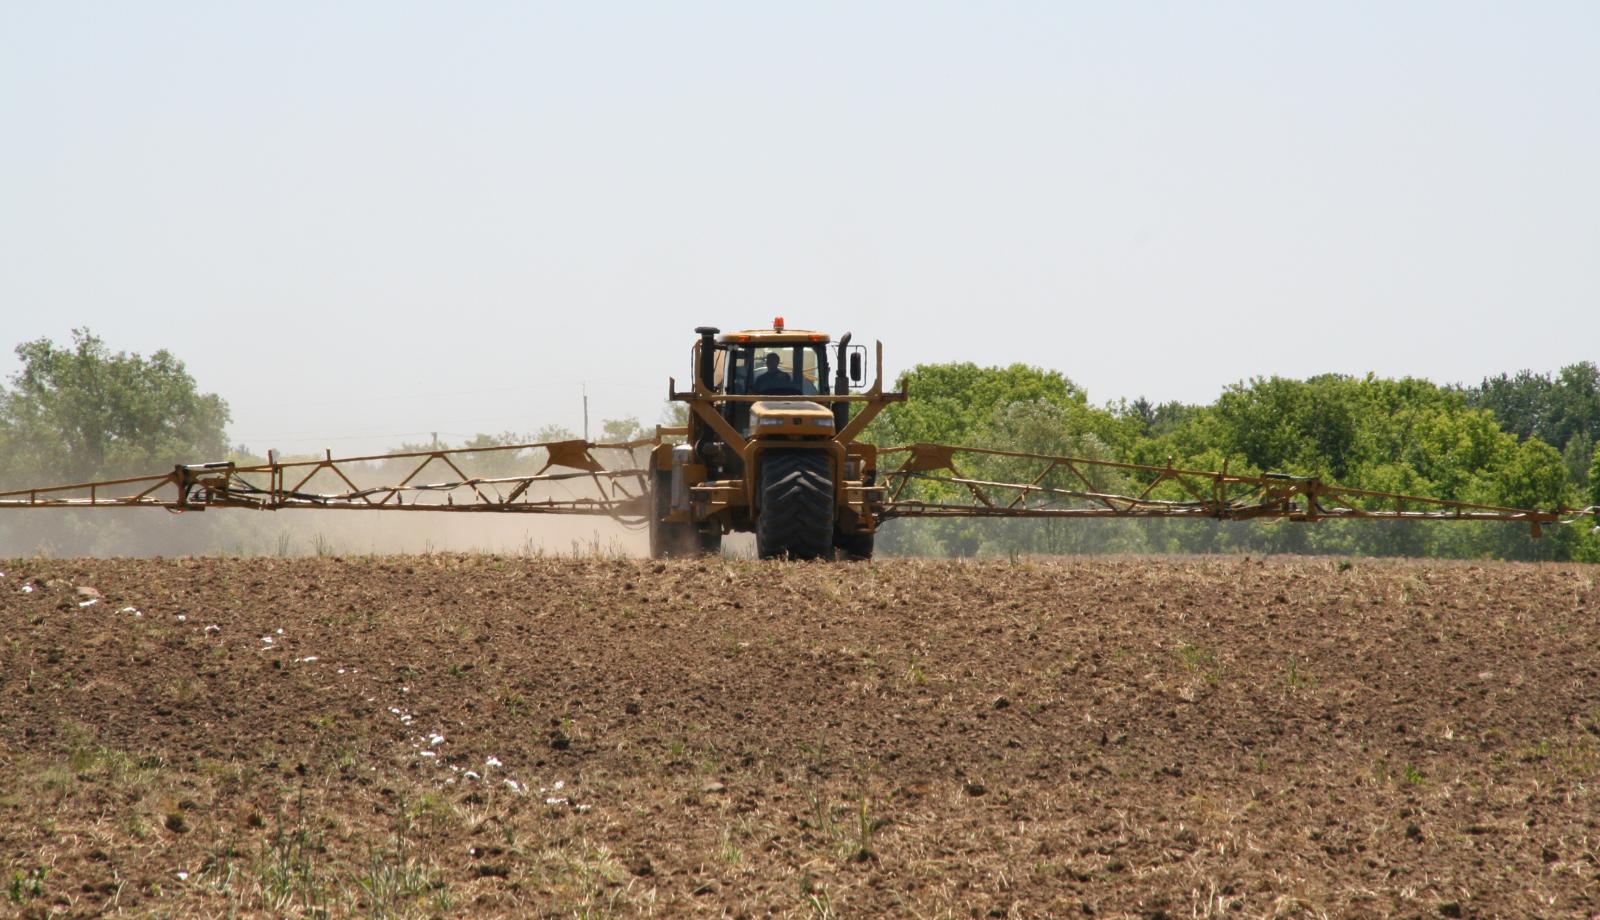 Focus on pre-emergent herbicides